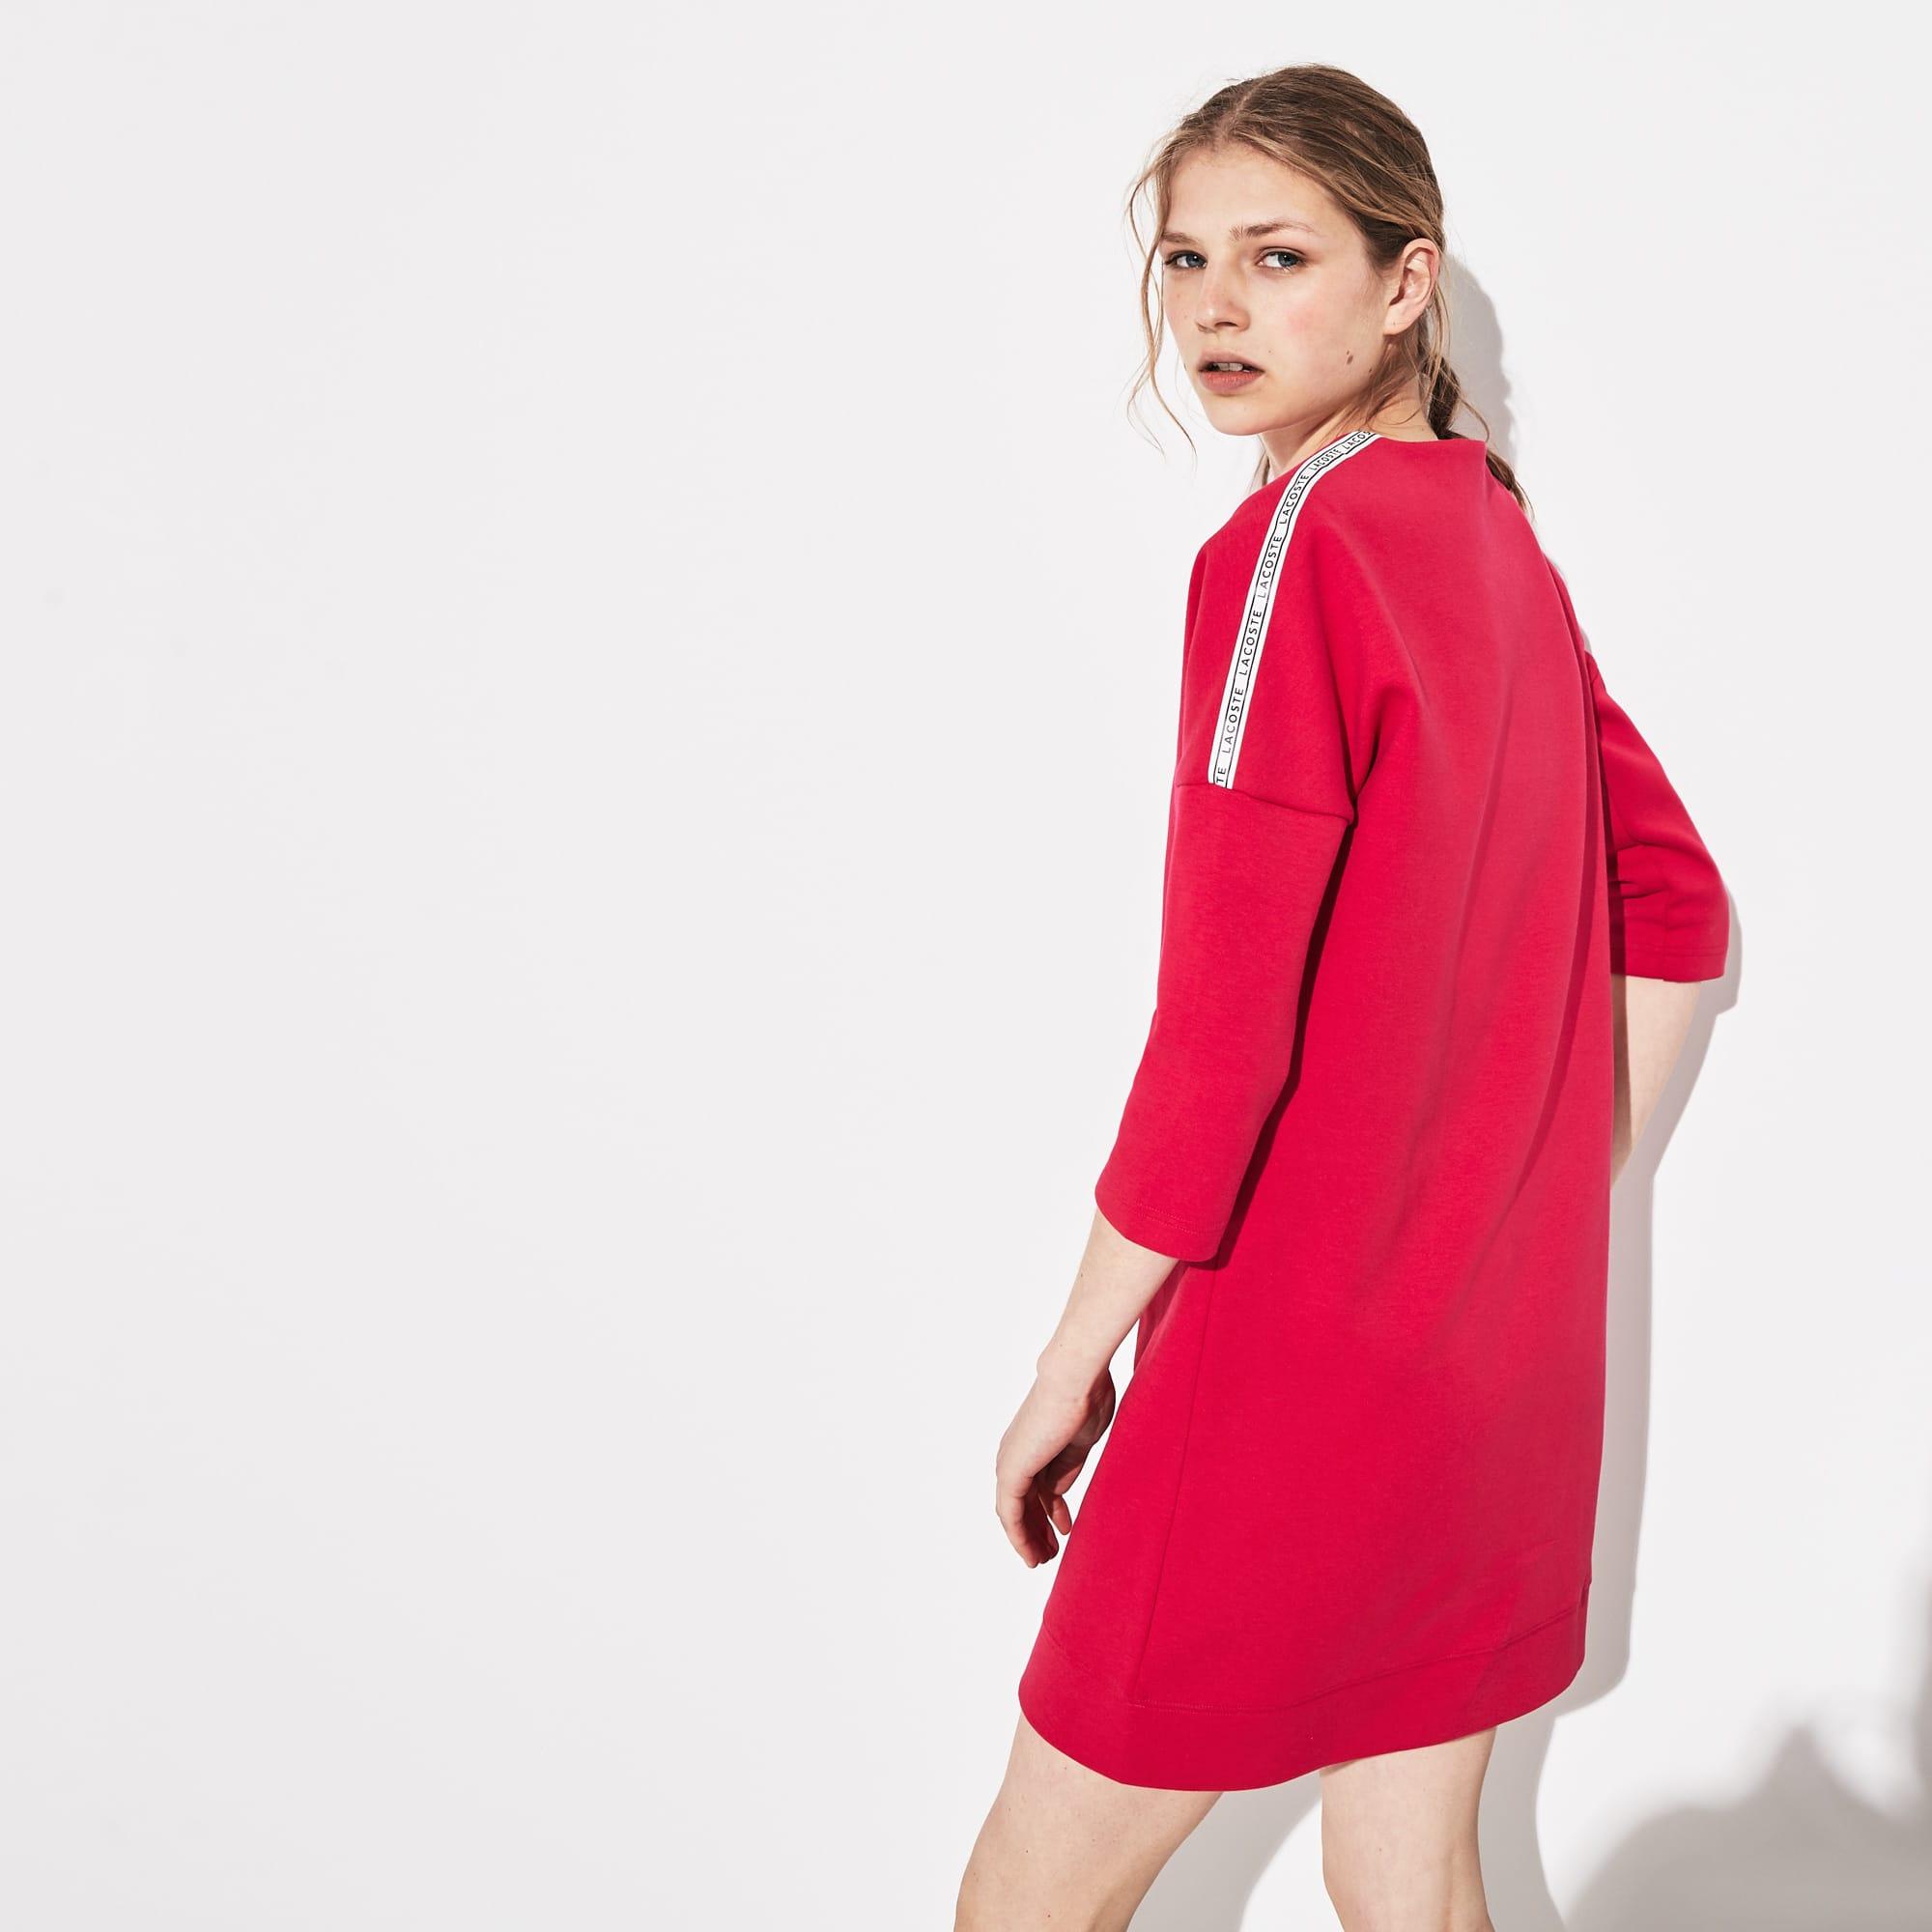 Clothing Lacoste SkirtsWomen's Clothing Lacoste SkirtsWomen's Dresses And And Dresses tsChrdQ